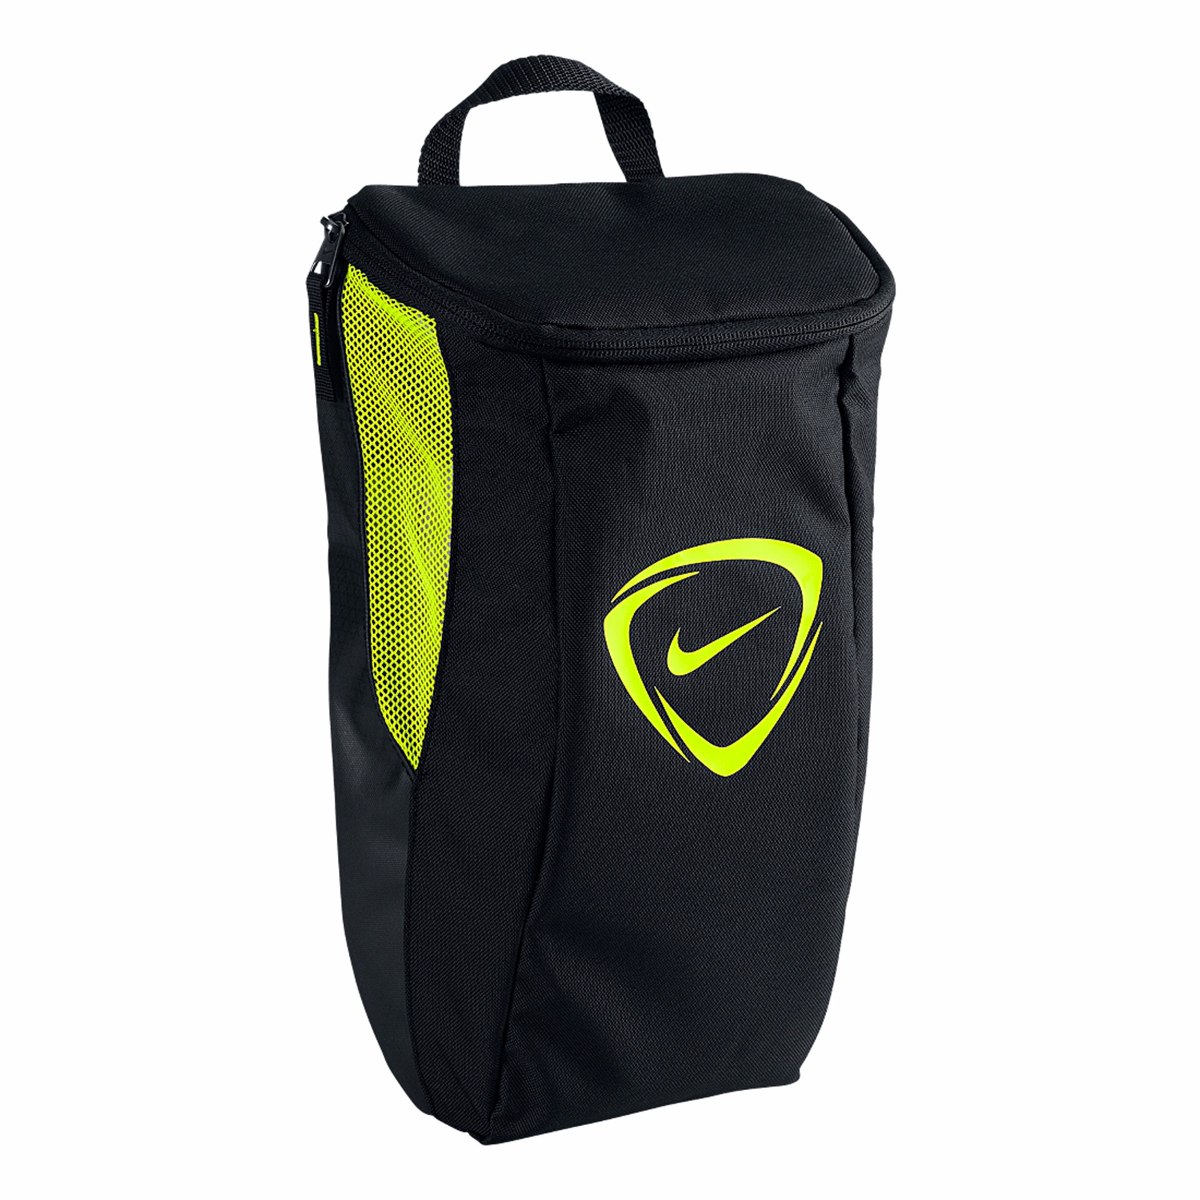 Bolsa De Mao Nike   Bolsa porta chuteira nike preto verde football bag de m  4a791c48bcc73